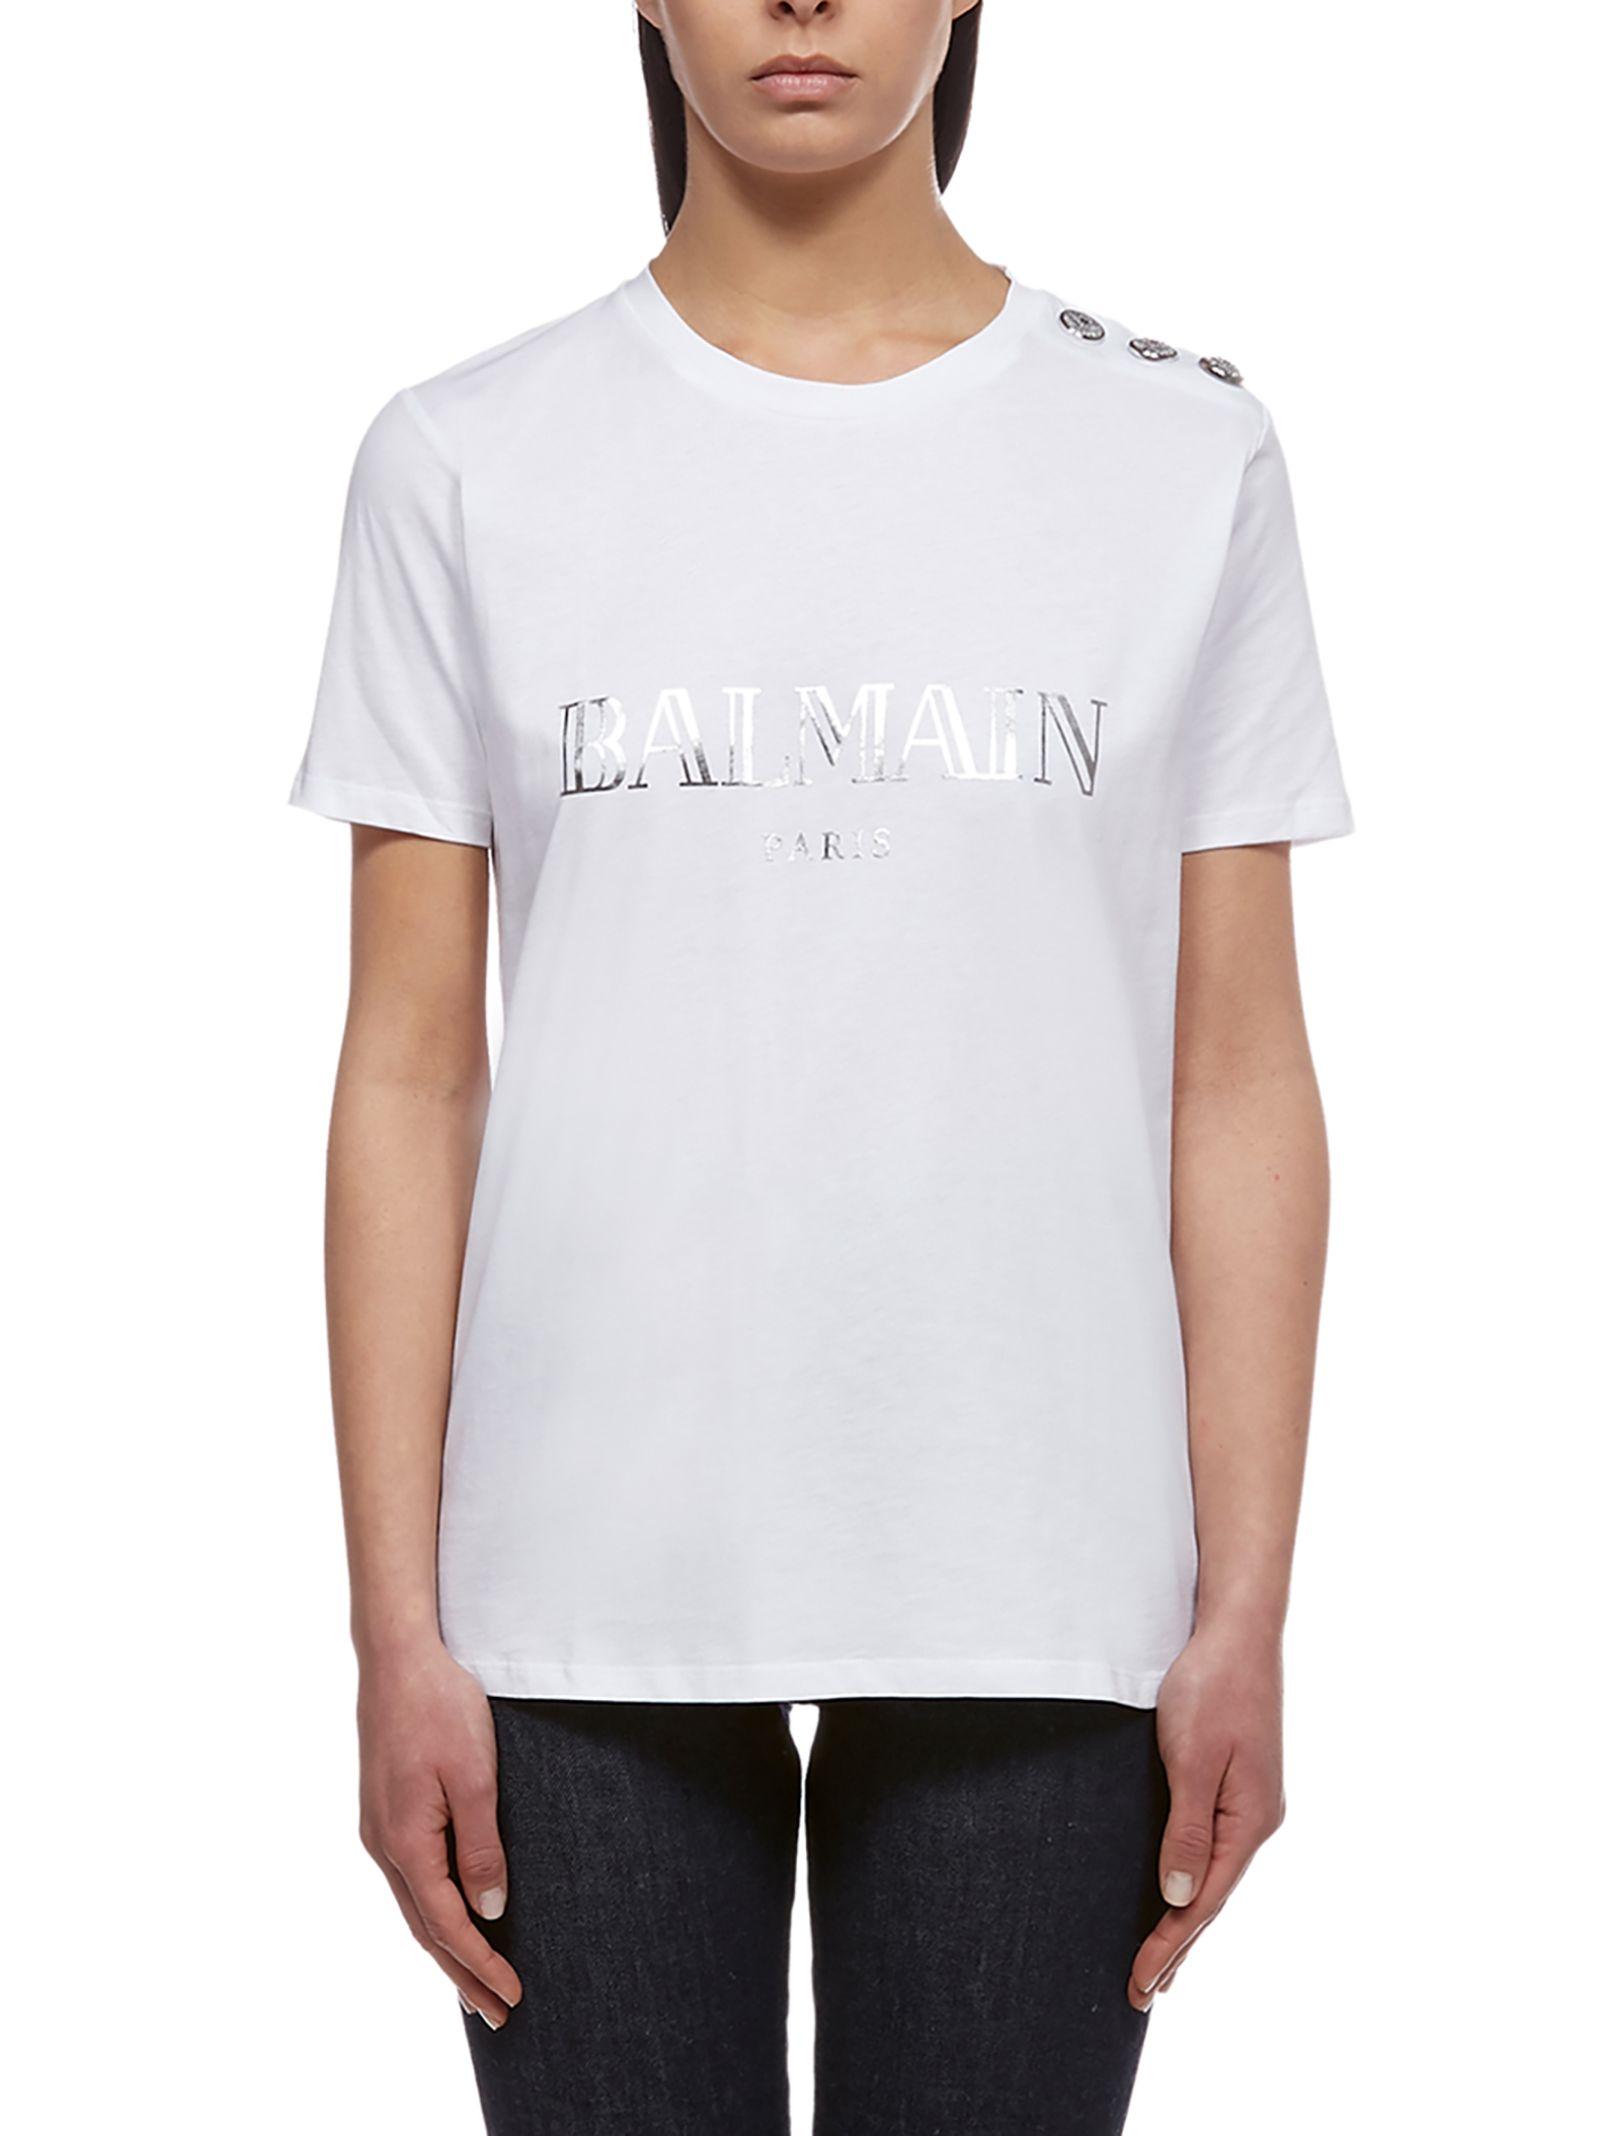 2a3ab72b5 Balmain Balmain Printed T-shirt - Basic - 10864974 | italist